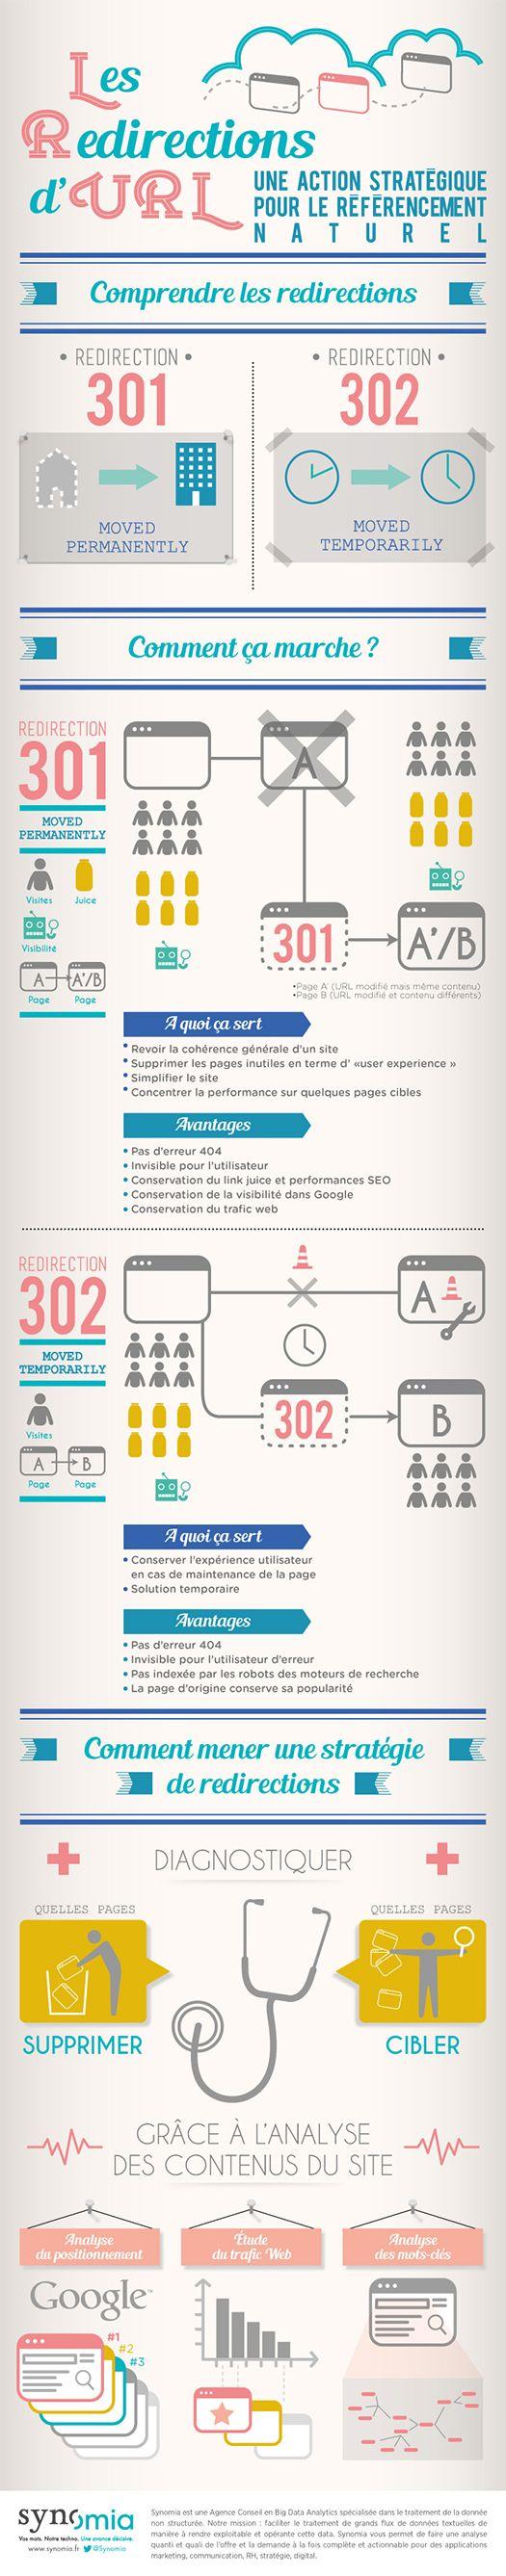 Comprendre les redirections d'URL 301, 302 pour une meilleure stratégie SEO via une infographie illustrée par le site Synomia : « Les Redirections d'URL : une action stratégique pour le référencement naturel »...